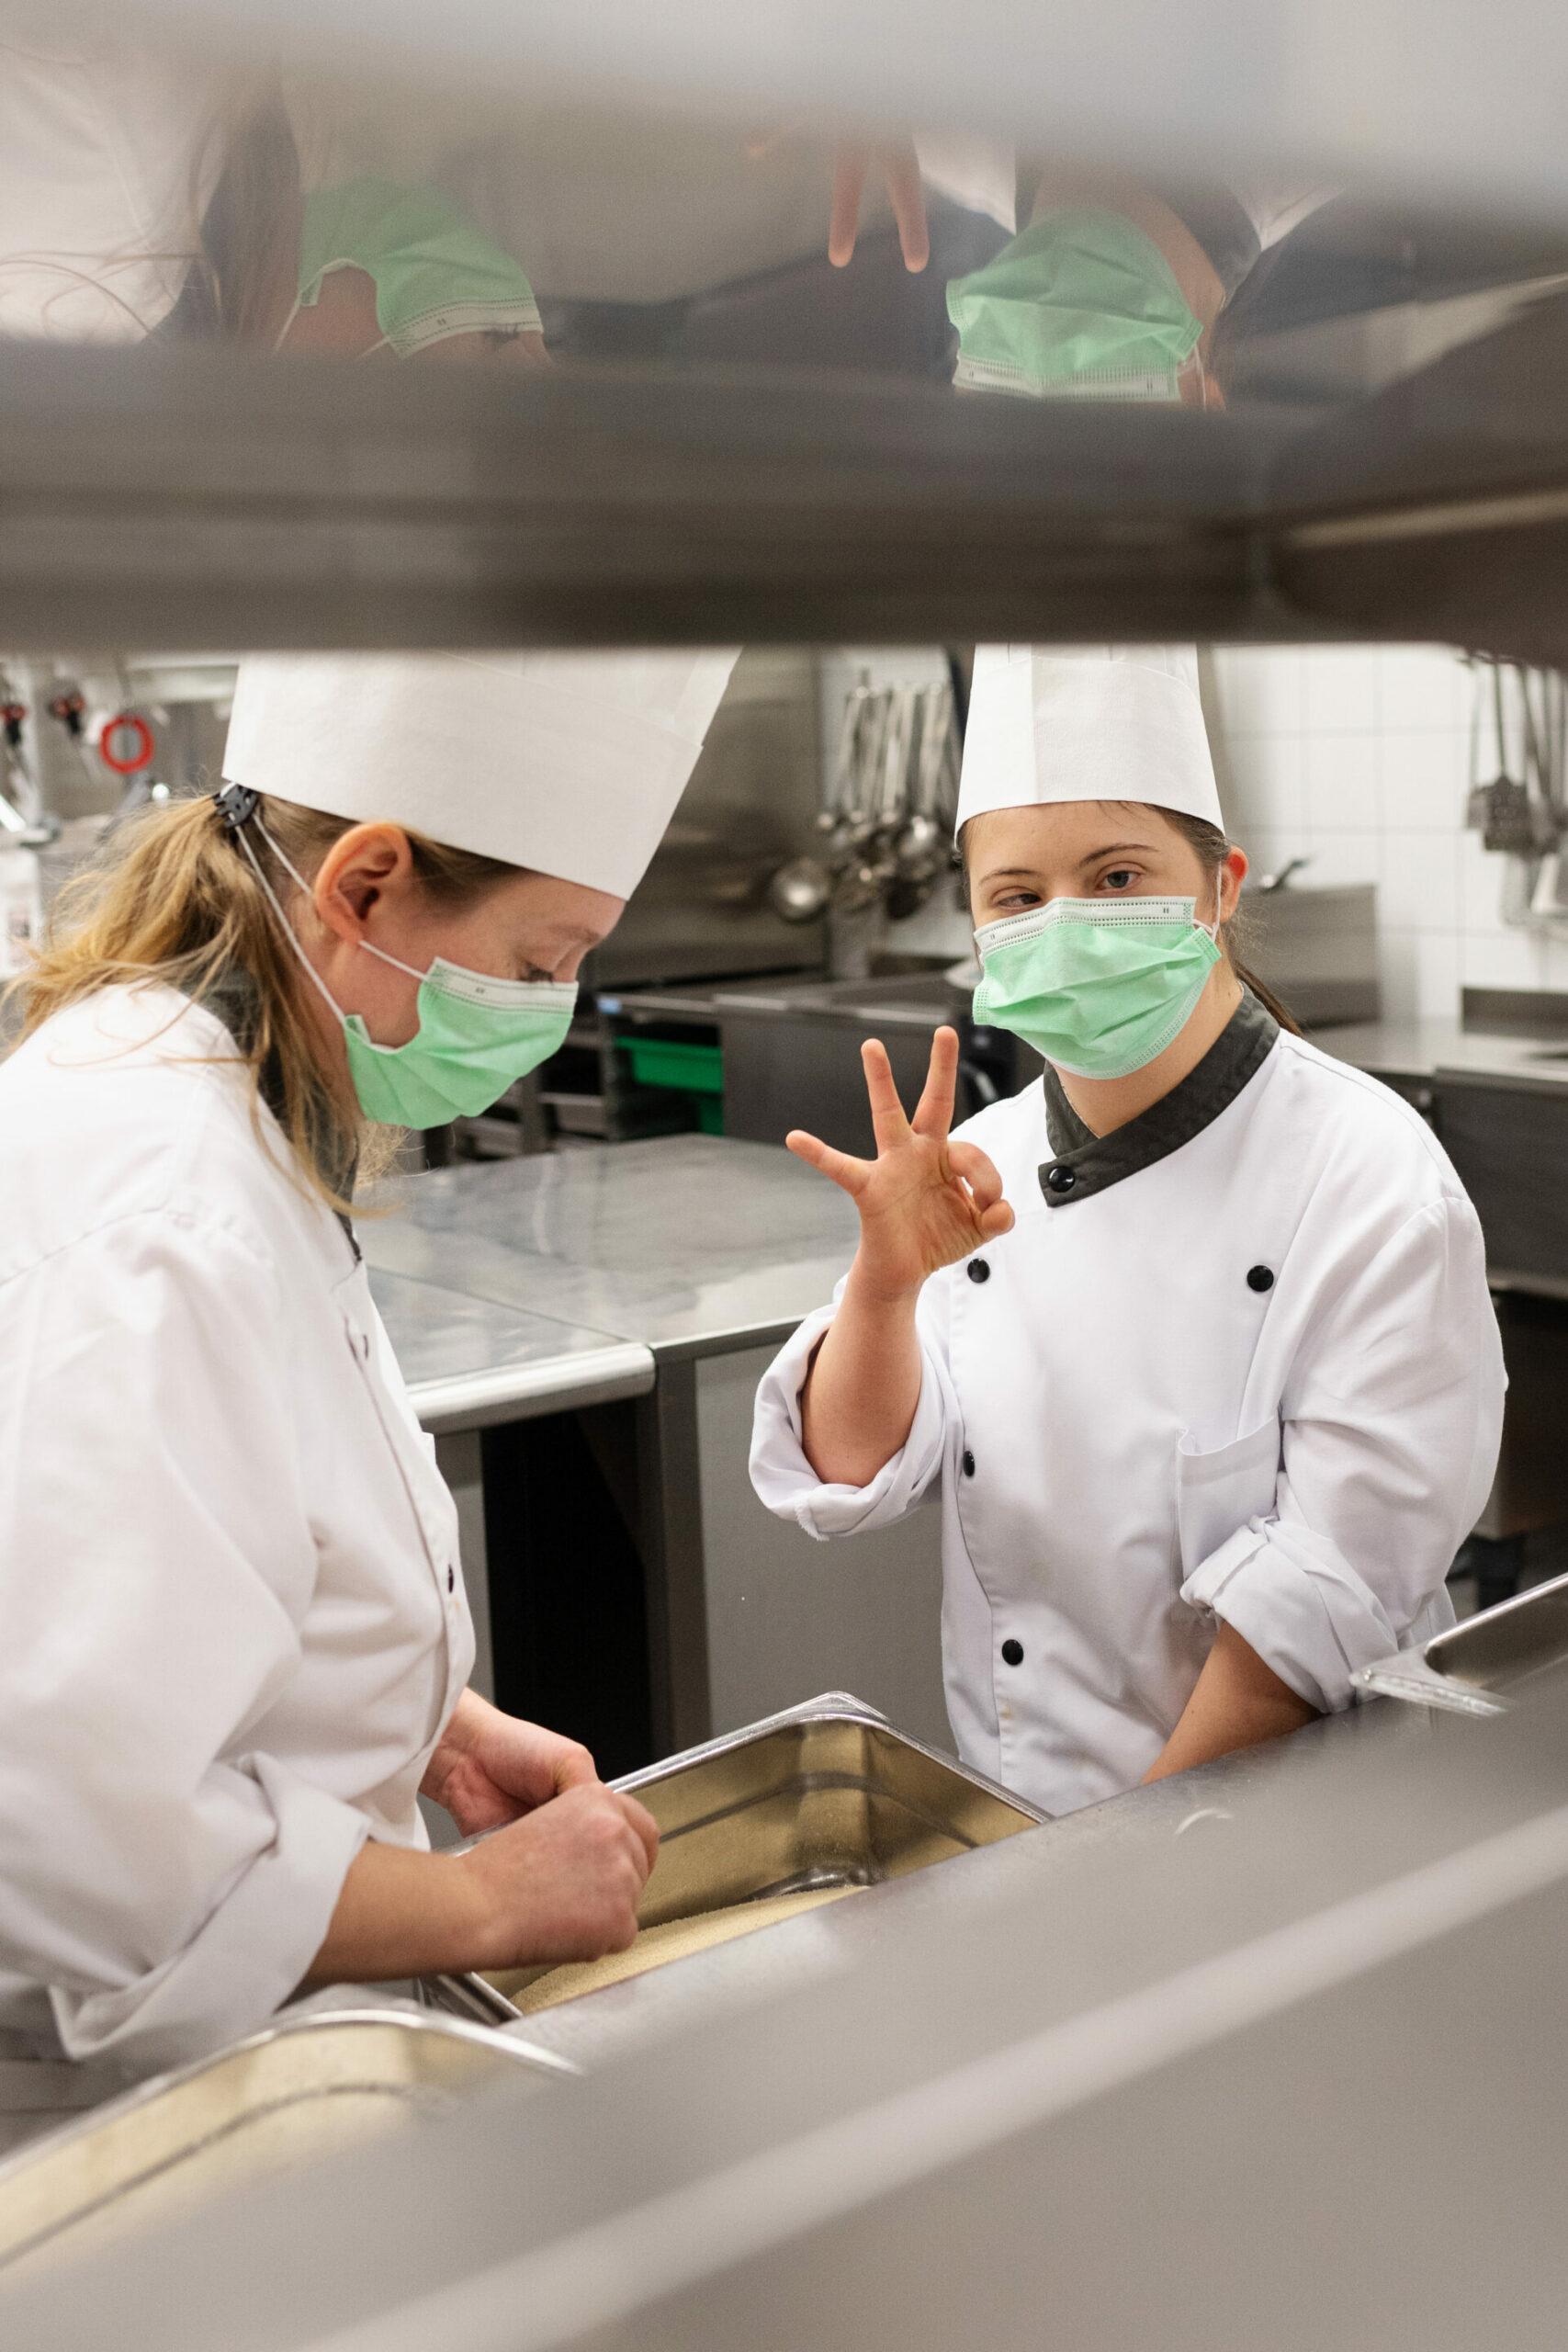 Zwei Frauen arbeiten in der Küche.